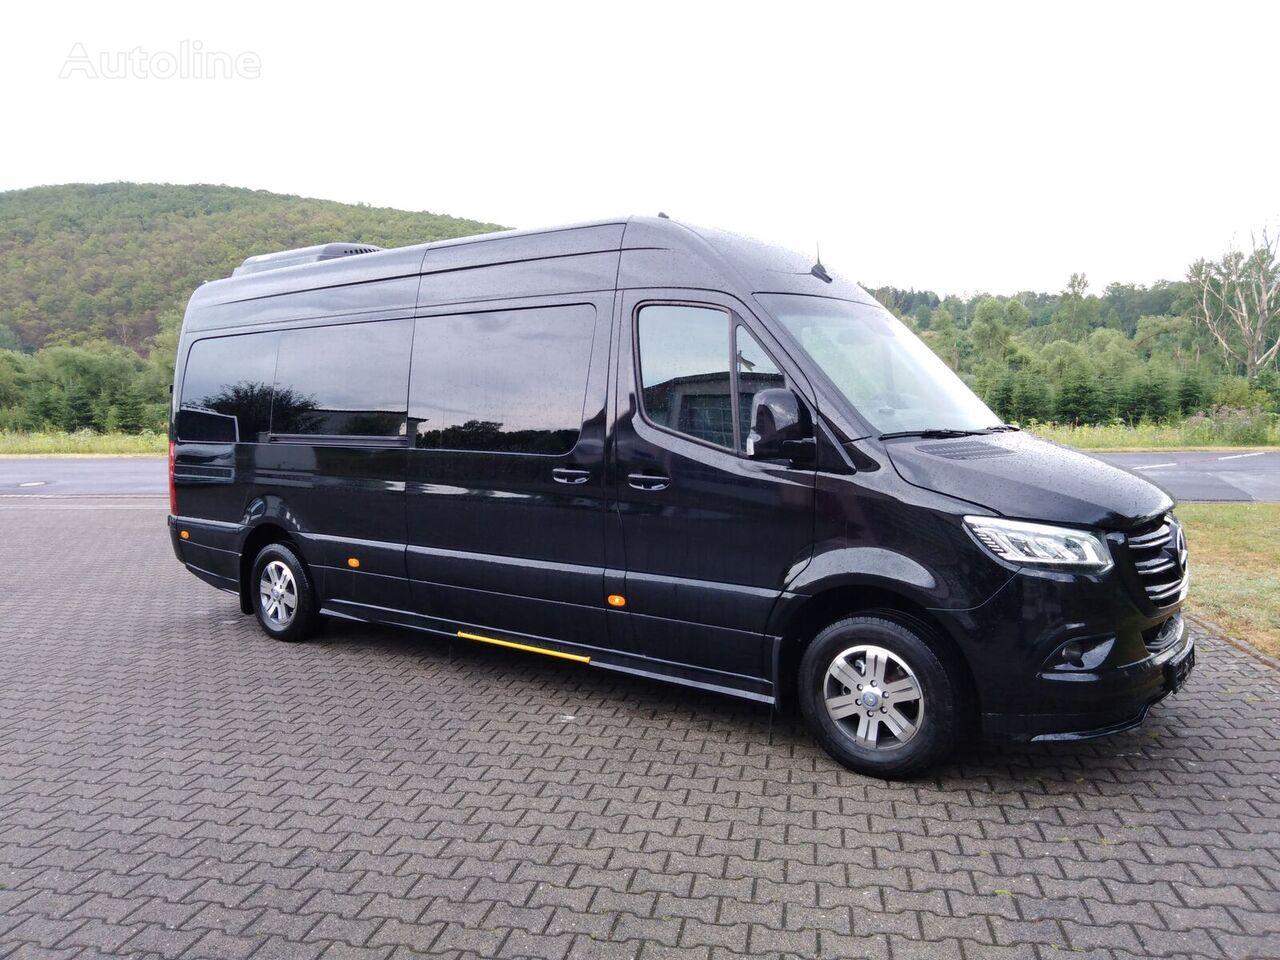 nieuw MERCEDES-BENZ Sprinter 319 CDI Autom passagier bestelwagen